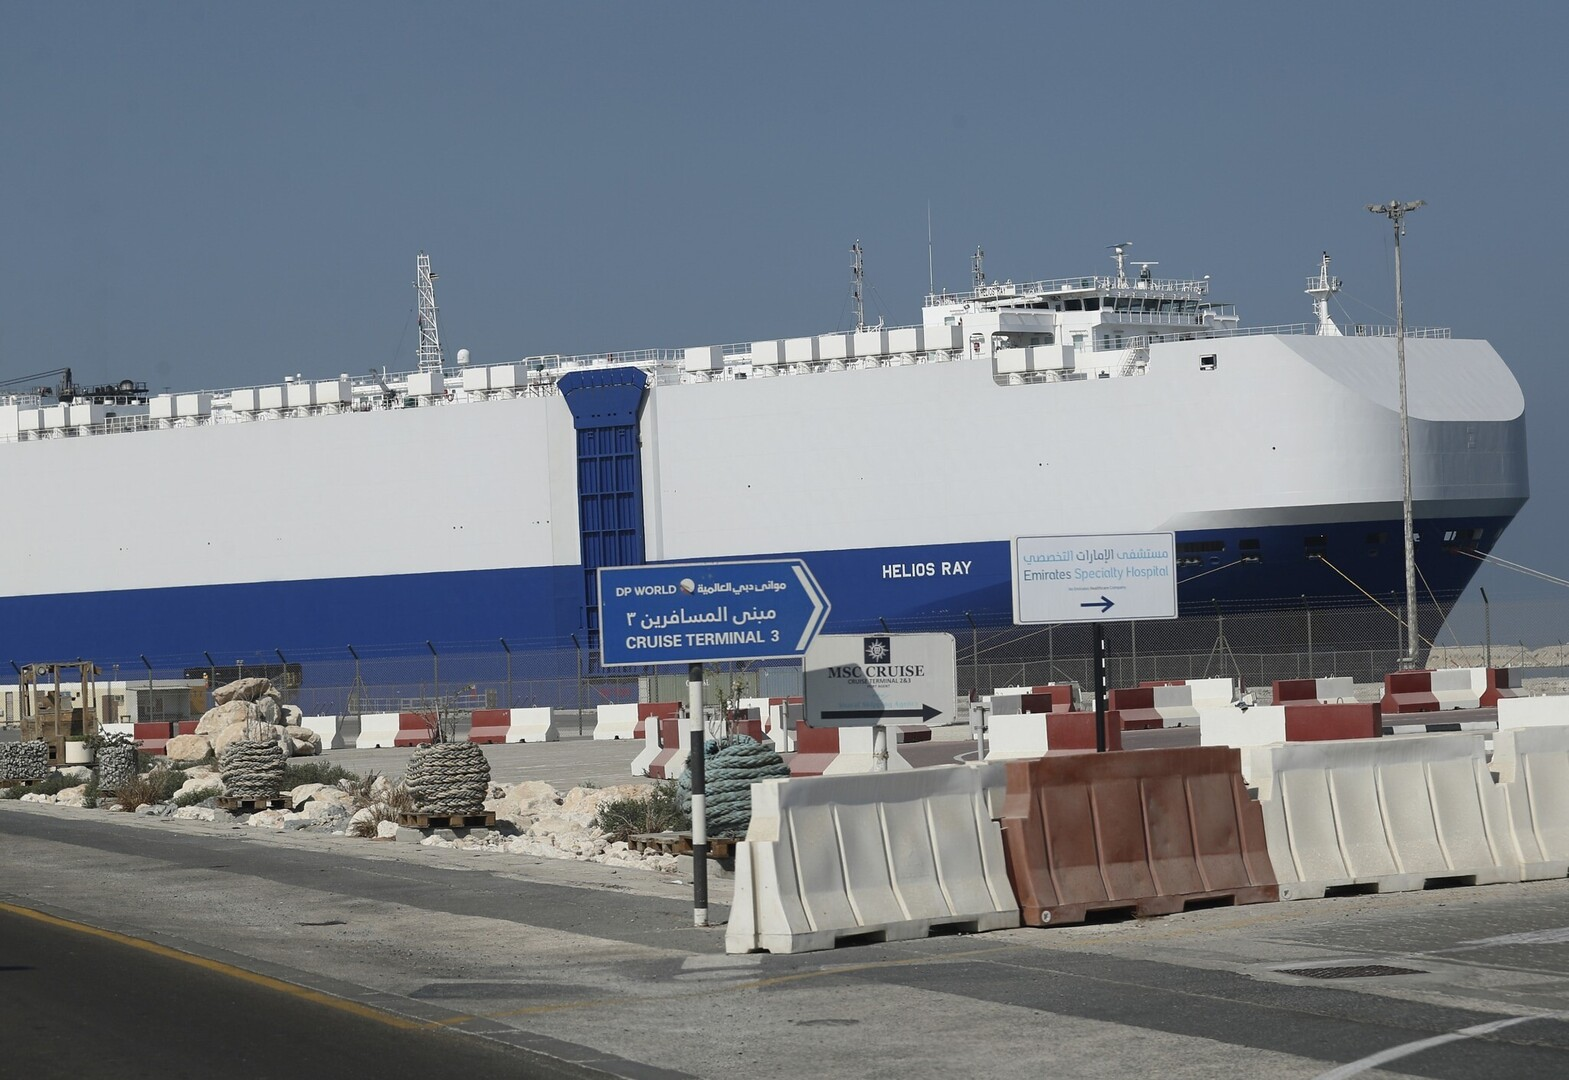 إيران تنفي وقوفها وراء الانفجار الغامض بسفينة تابعة لإسرائيل في خليج عمان